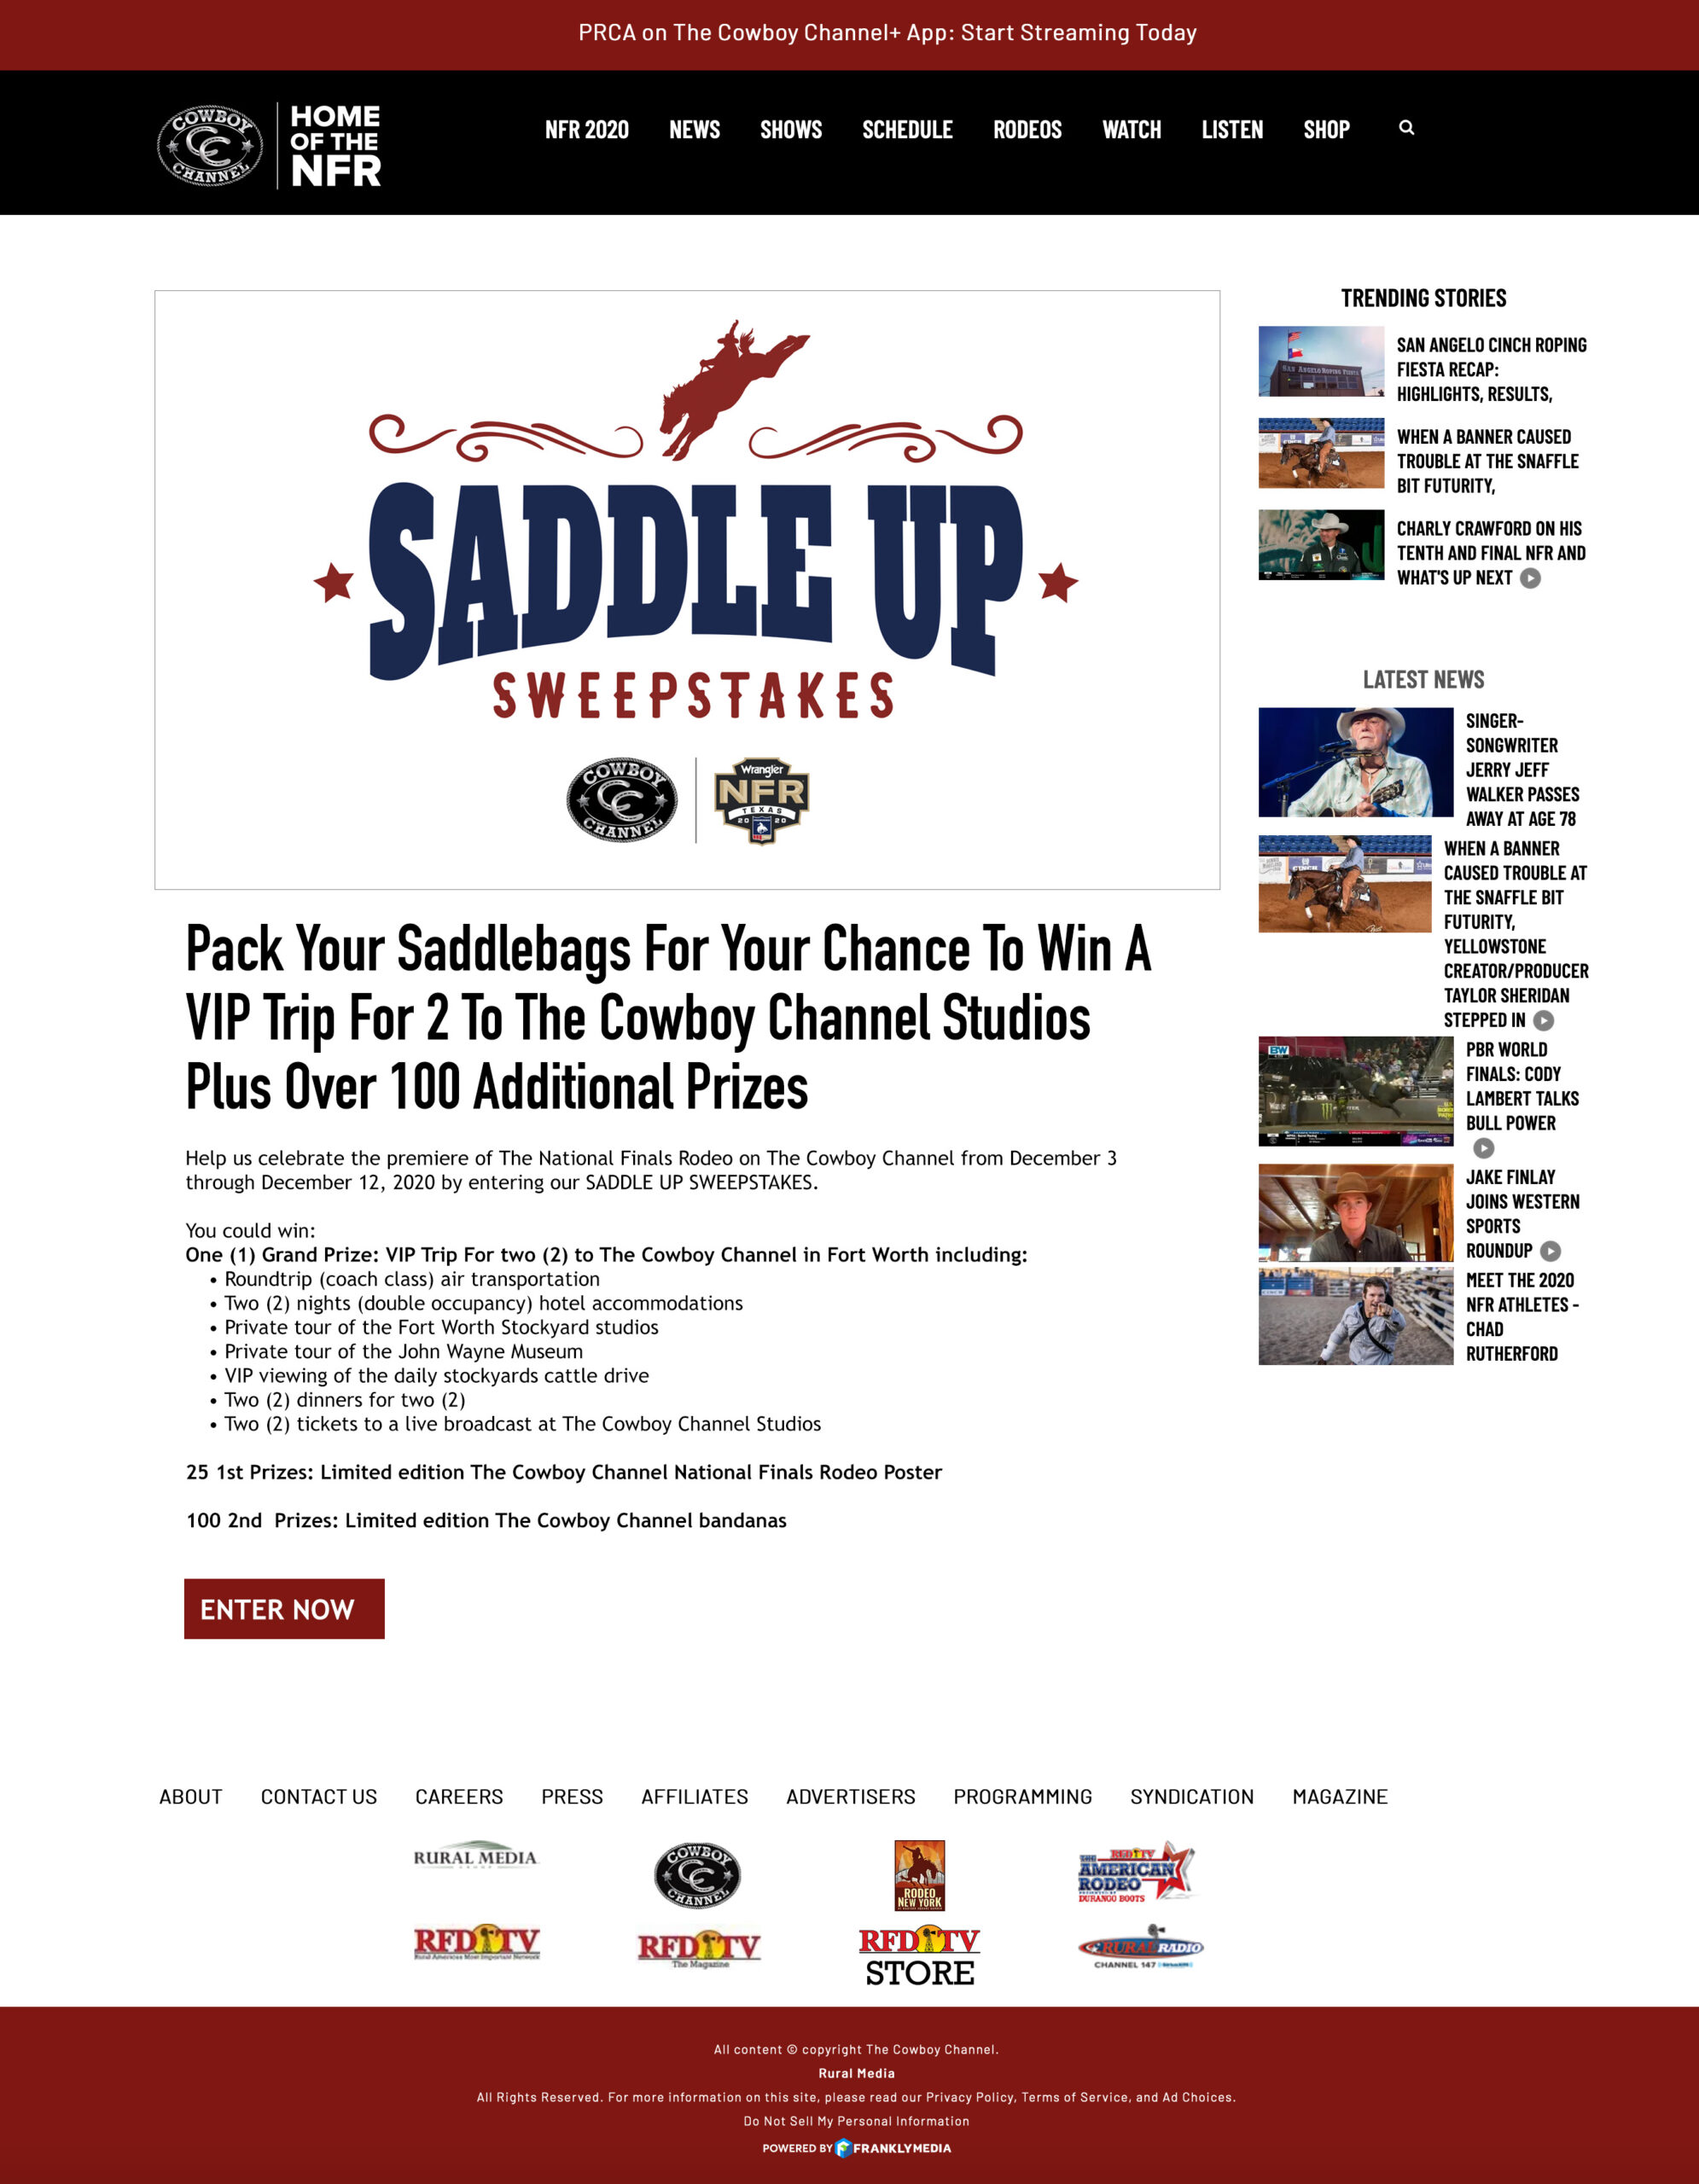 CC_SaddleUp_webpage_3